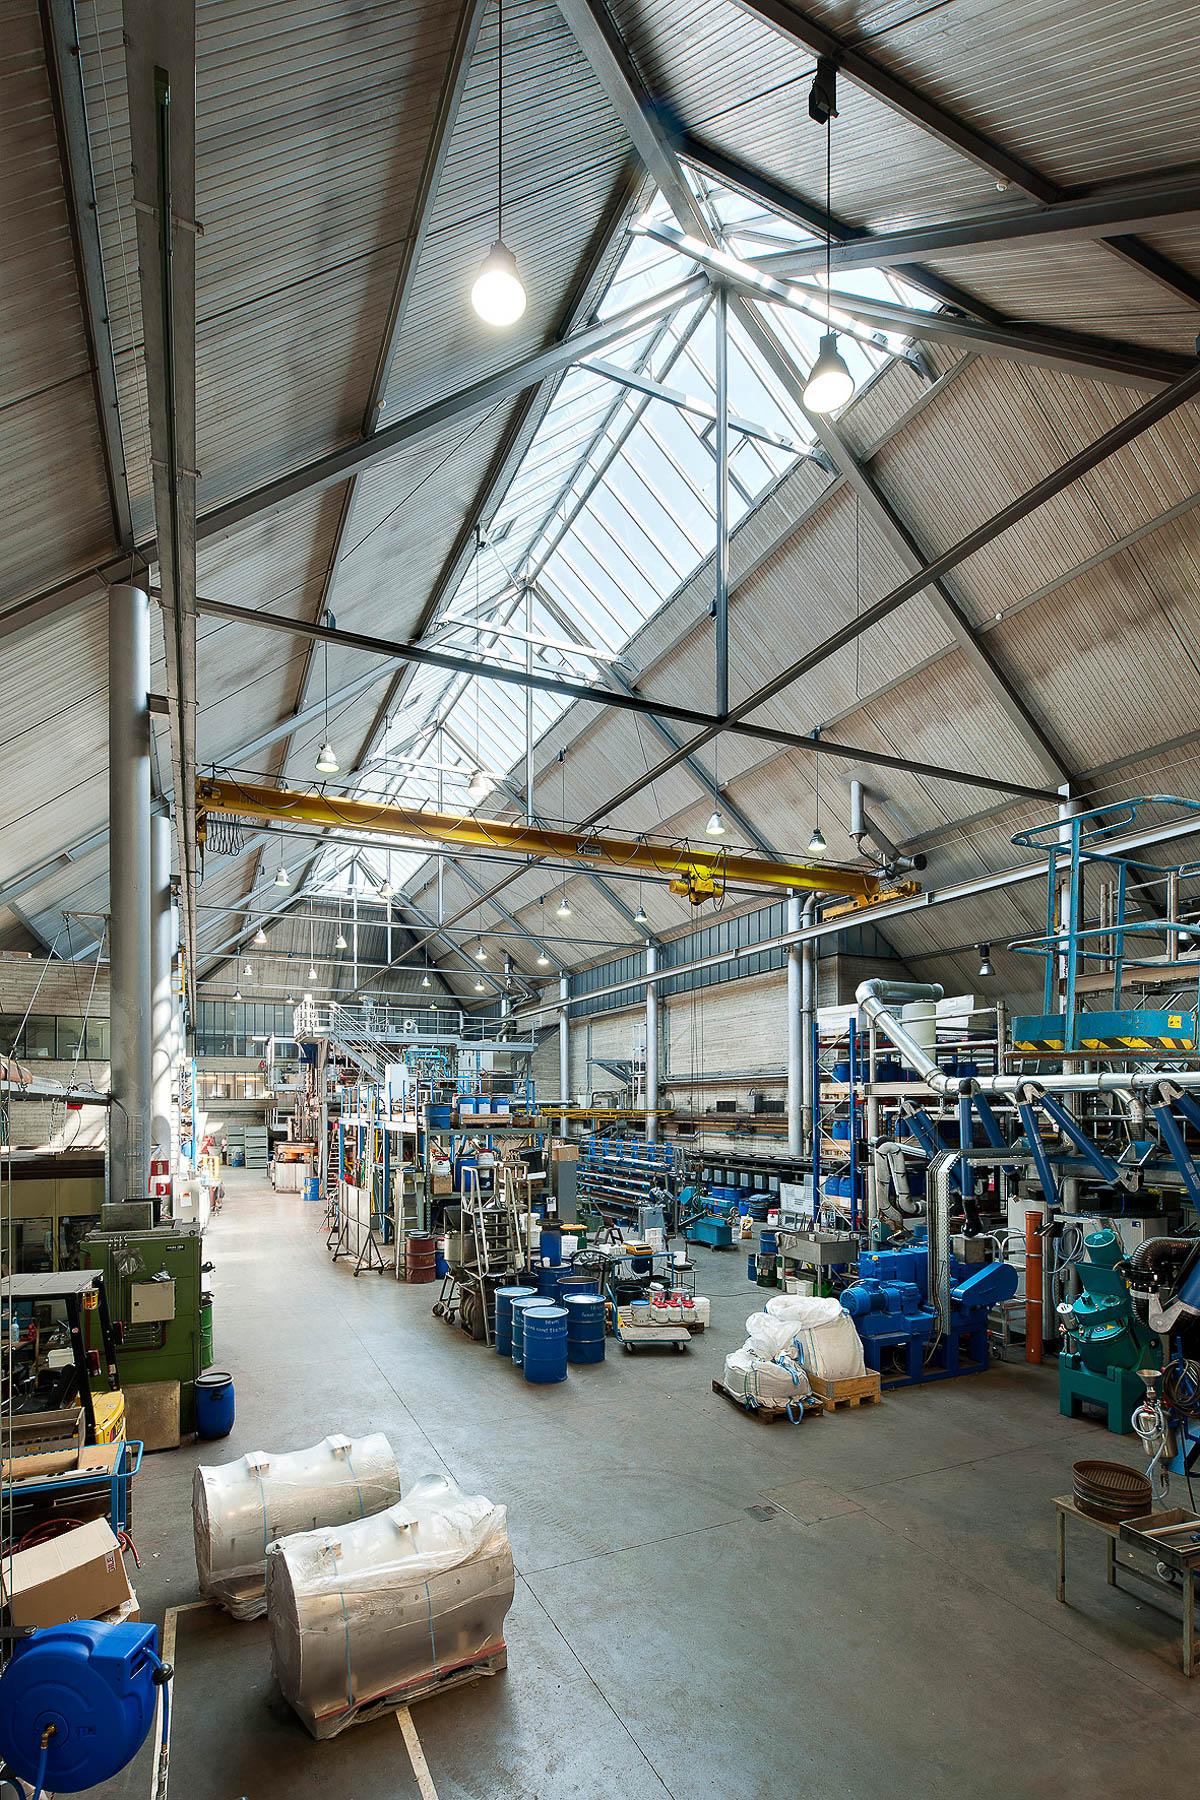 Bureau greisch glazen dak van het crm in luik - Verriere dak ...